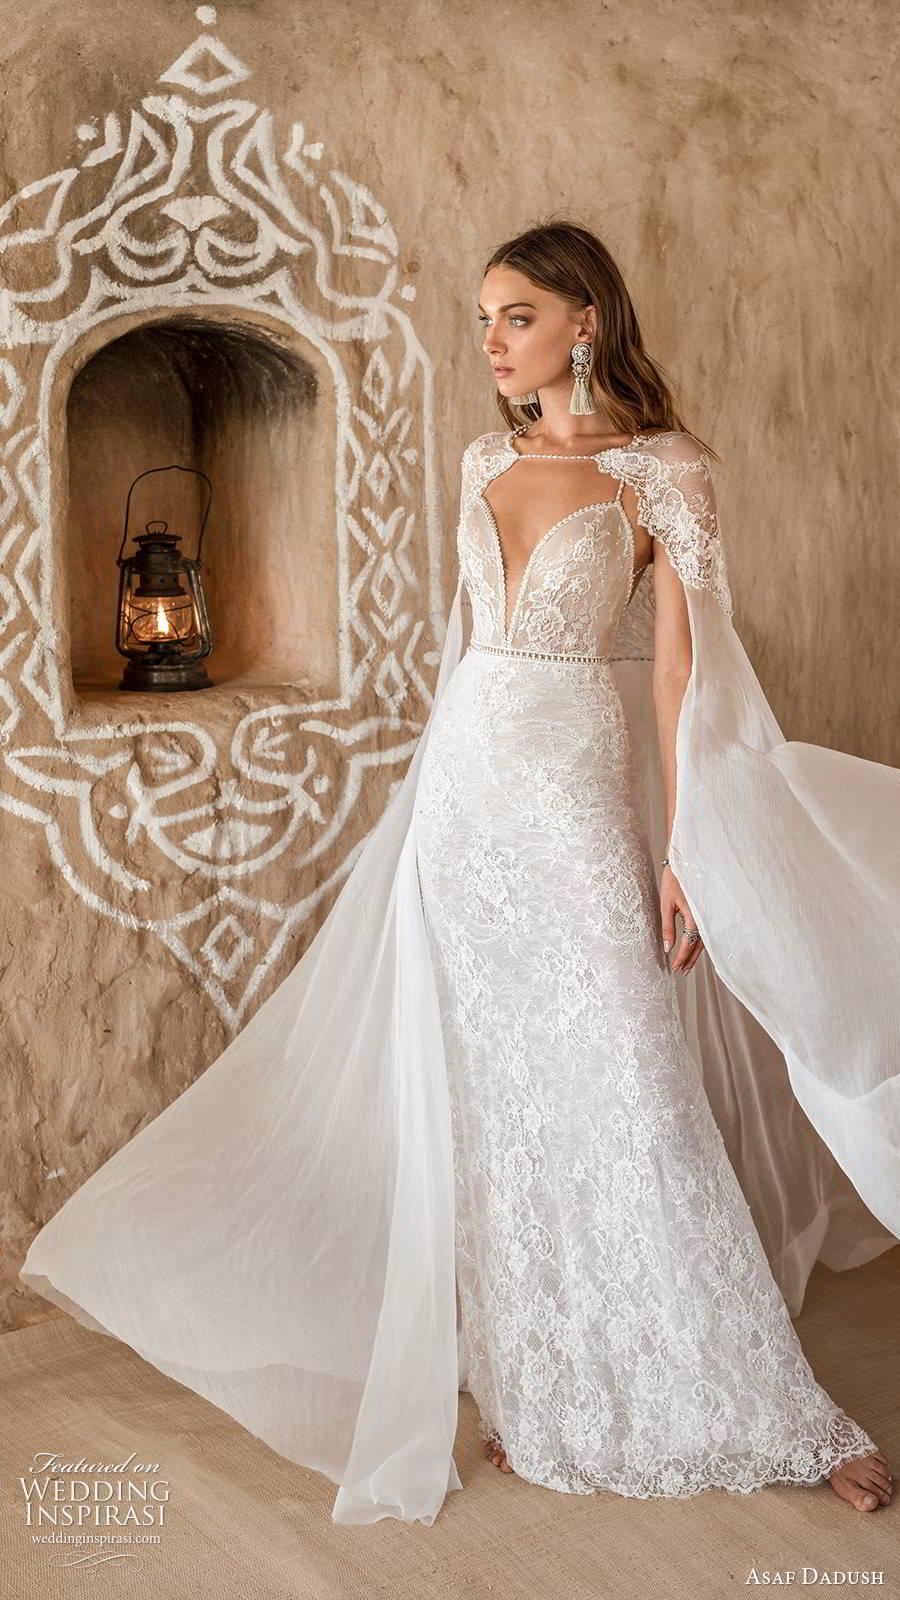 asaf dadush 2019 bridal sleeveless thin beaded straps plunging sweetheart neckline fully embellished lace glam sheath wedding dress sheer cape sweep train mv (1) mv